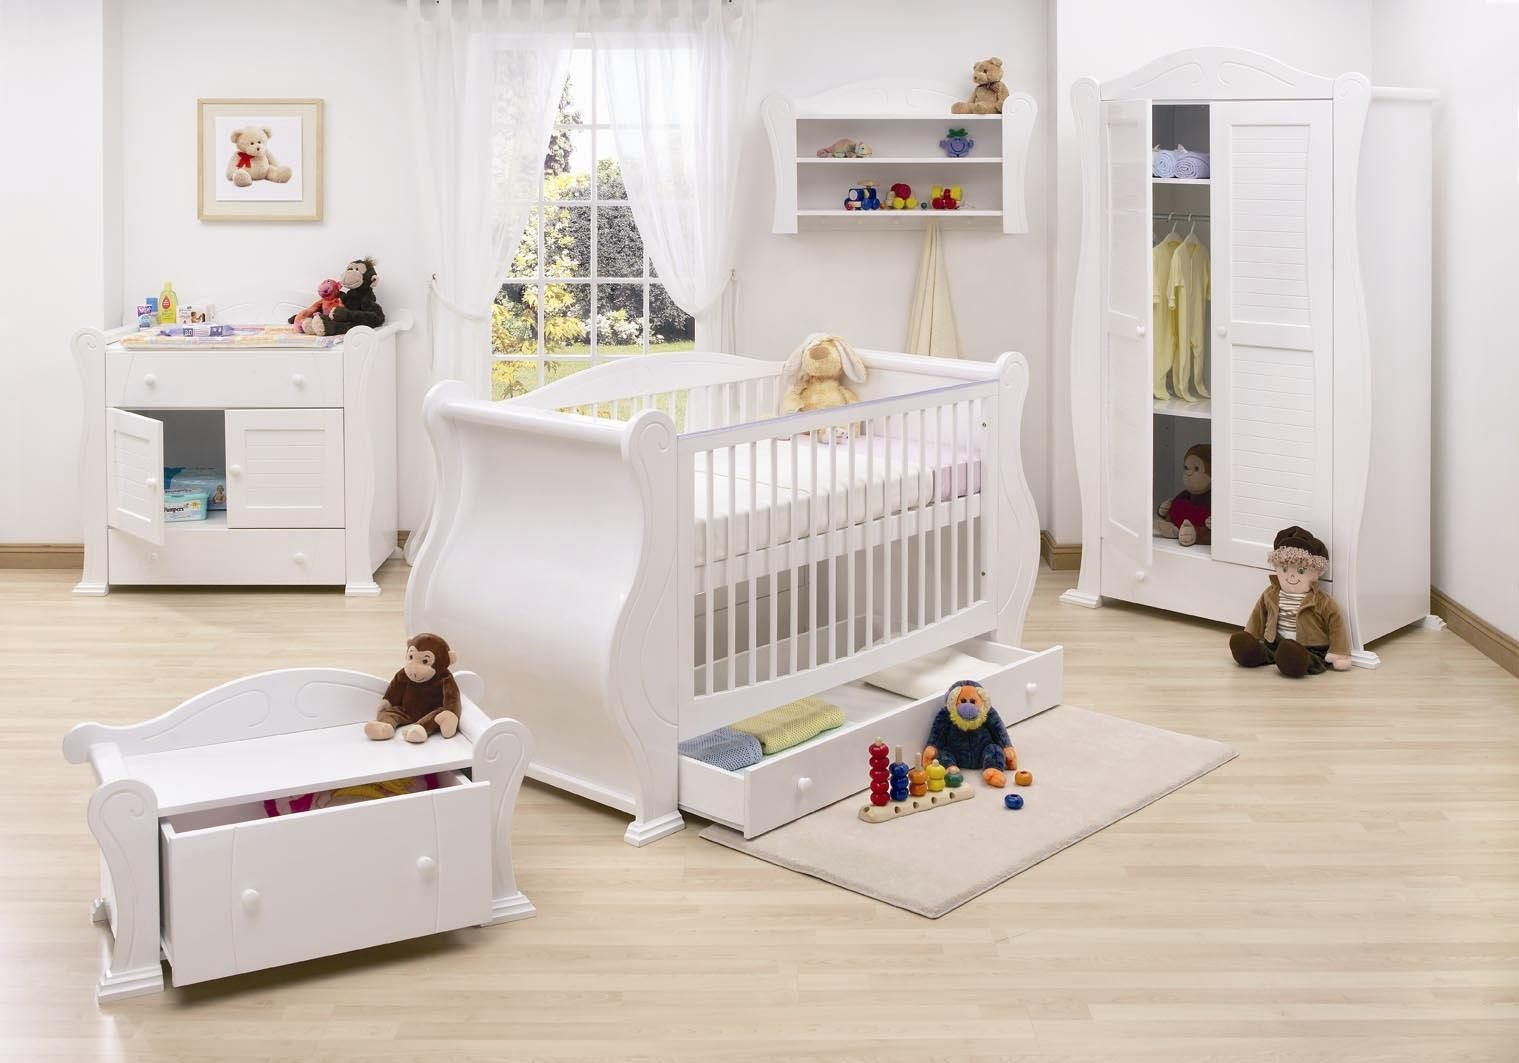 Galer a de im genes dormitorios de beb s - Mobiliario habitacion bebe ...